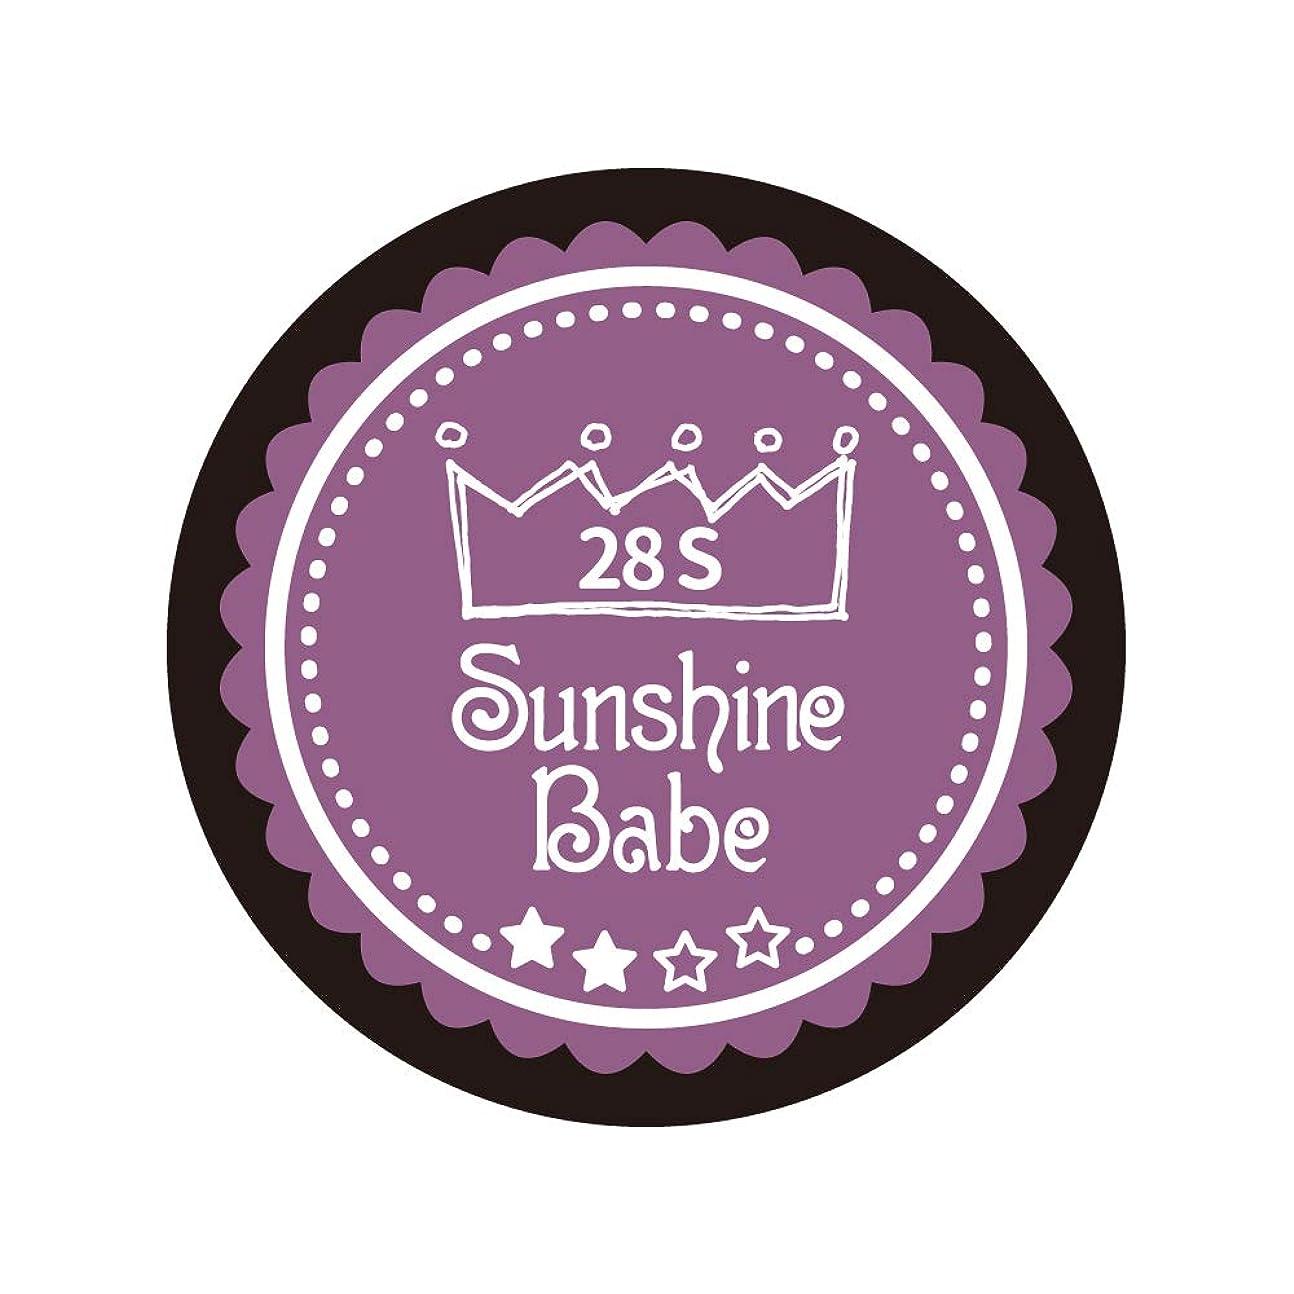 くちばし叫ぶ韓国語Sunshine Babe コスメティックカラー 28S パンジーパープル 4g UV/LED対応